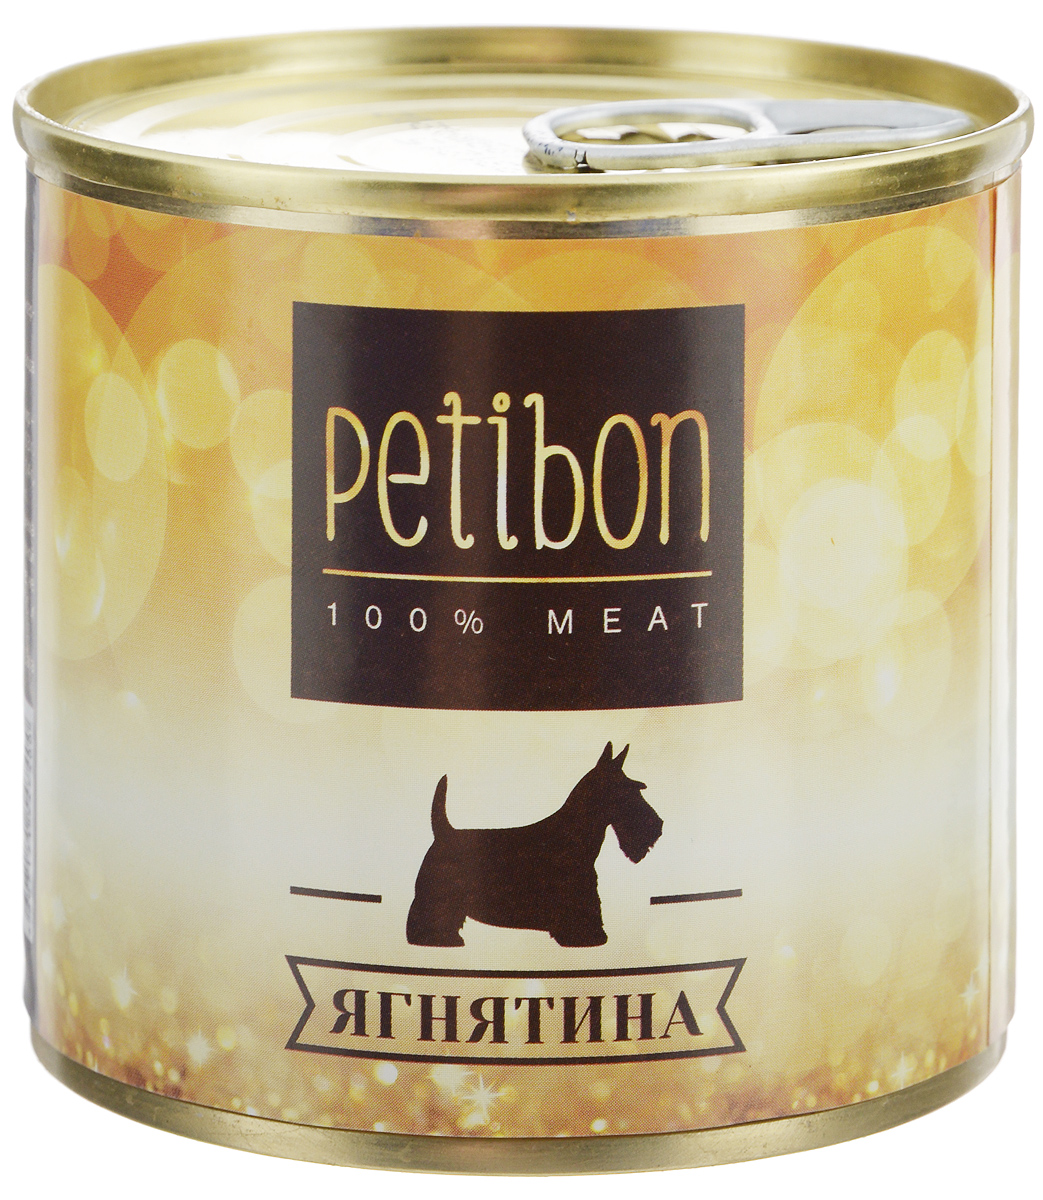 Консервы для собак Petibon, с ягненком, 240 г40283Petibon - влажный мясной корм для собак. Использование монобелкового комплексного сырья значительно расширяет аминокислотный состав продукта. Использование корма рекомендовано для собак, нуждающихся в диете или определённом виде мяса.Товар сертифицирован.